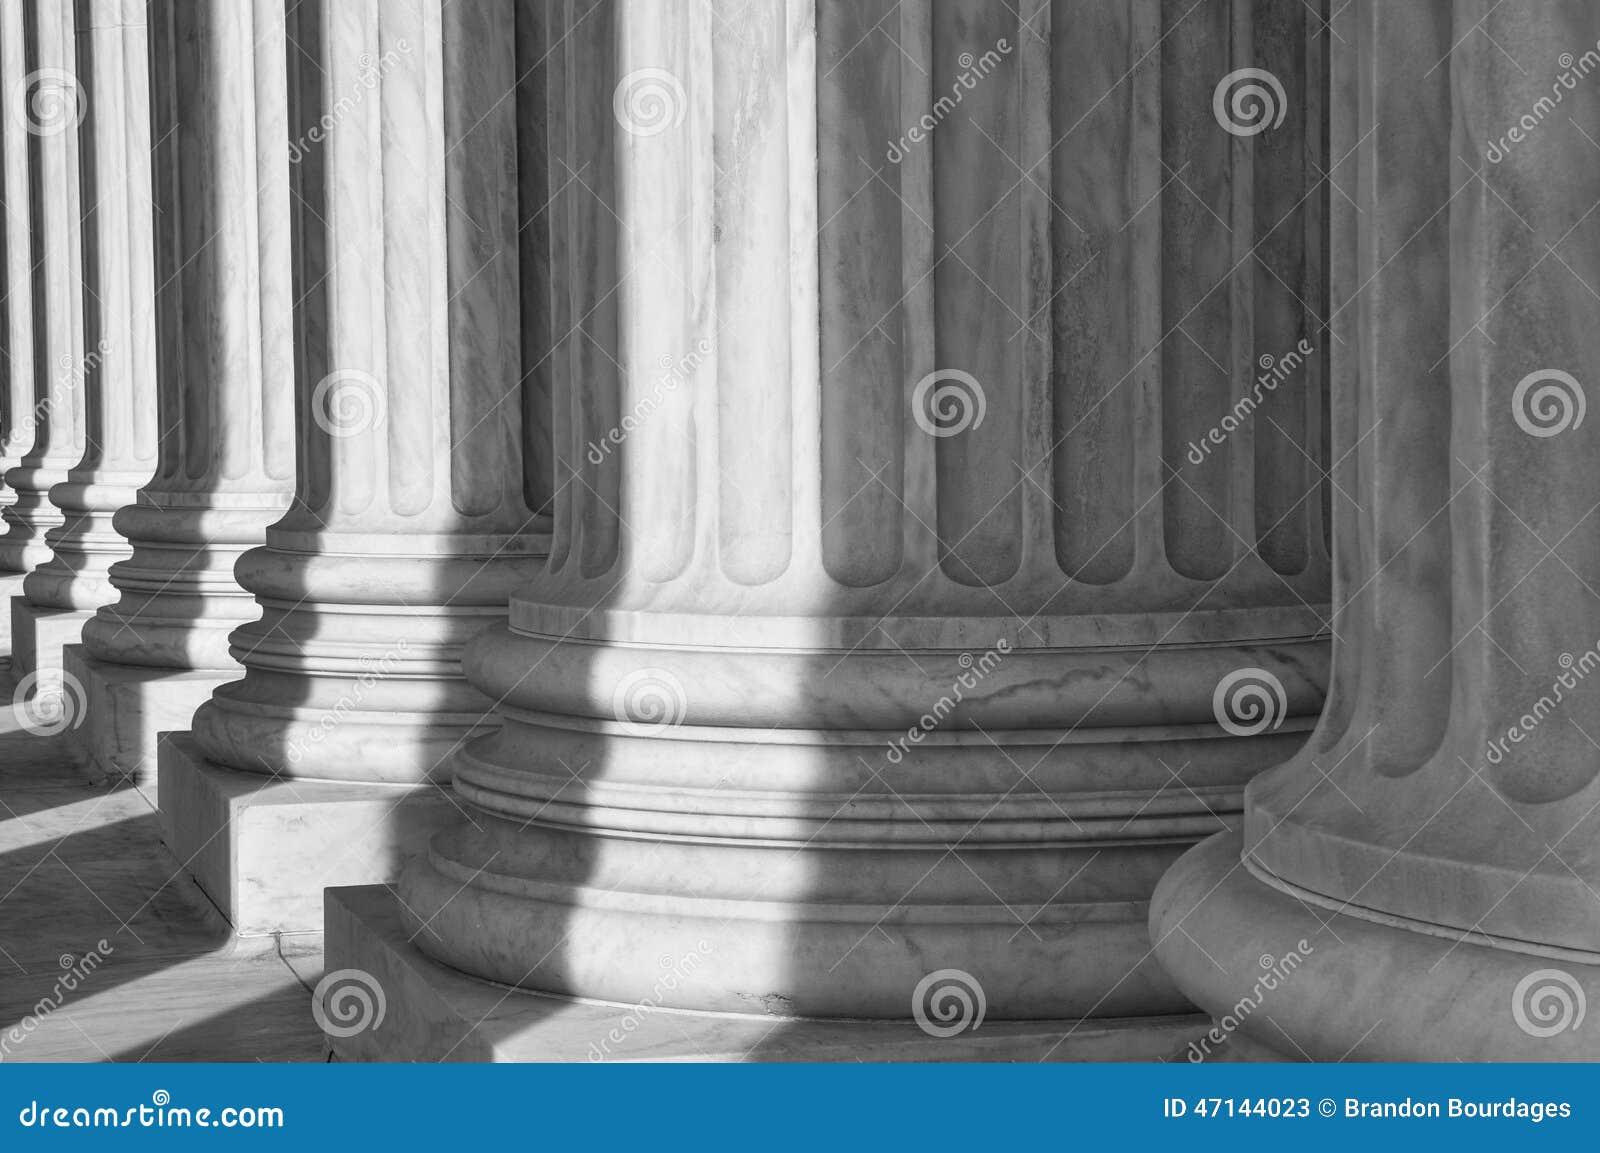 Pijlers van het Hooggerechtshof van de Verenigde Staten